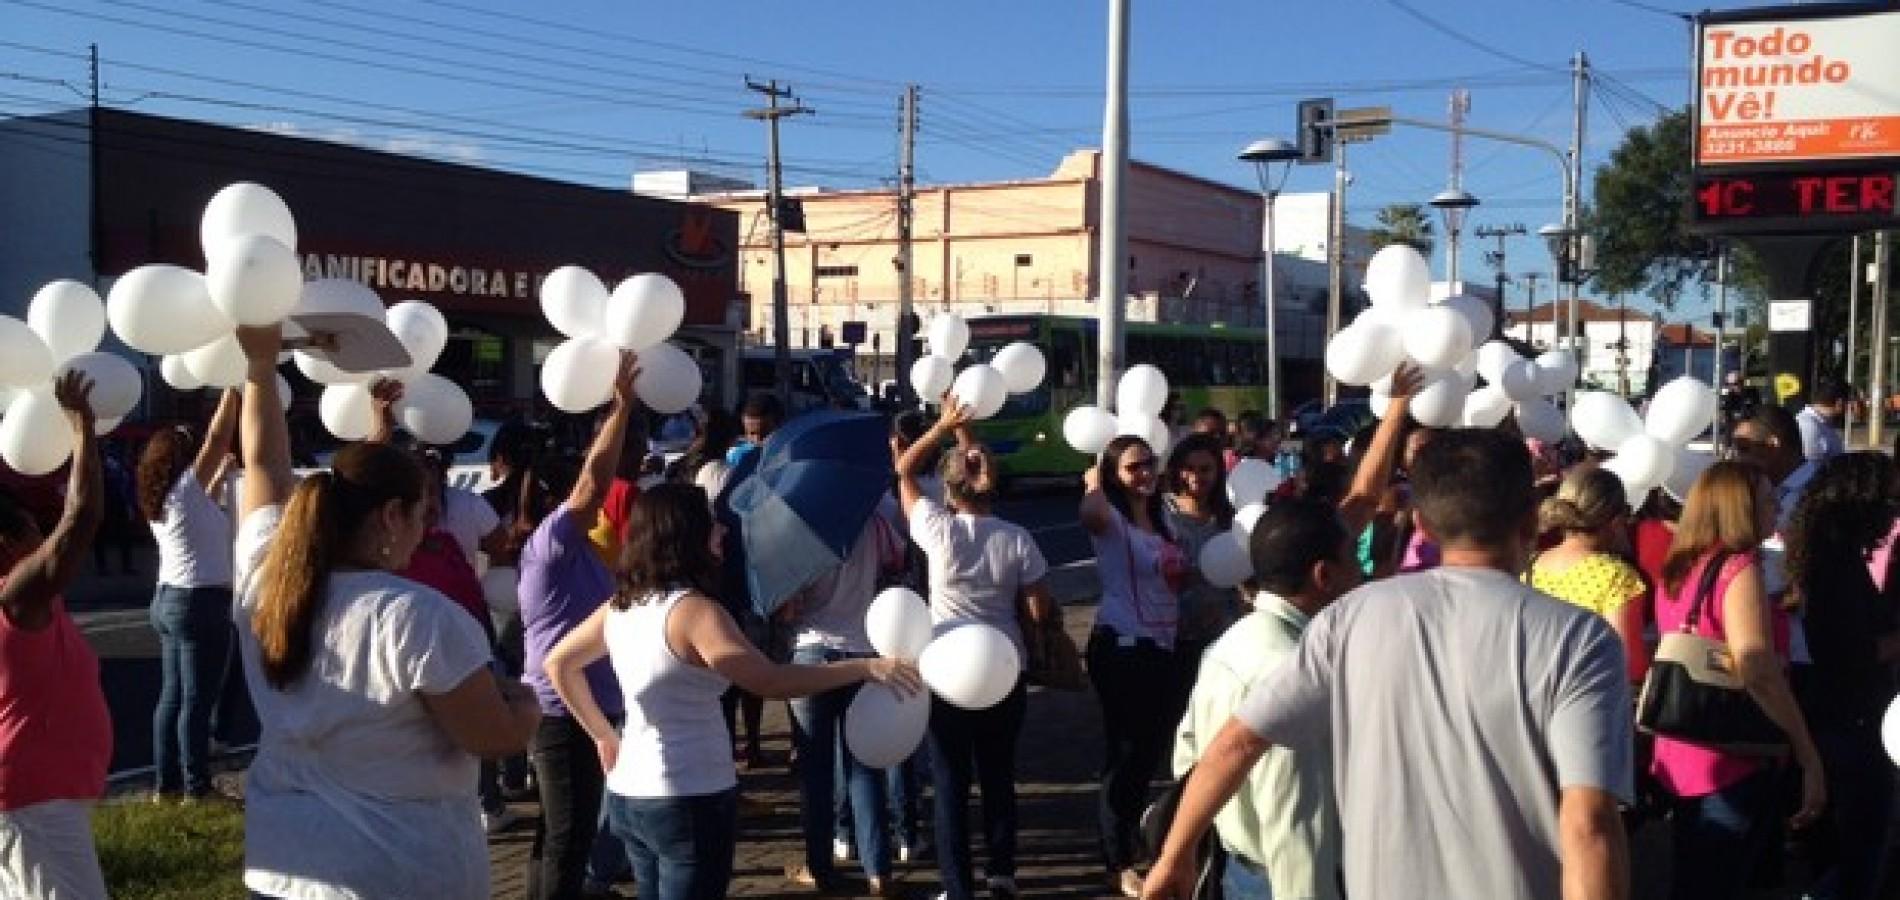 Manifestação em apoio às vítimas de estupro pede fim da violência no Piauí